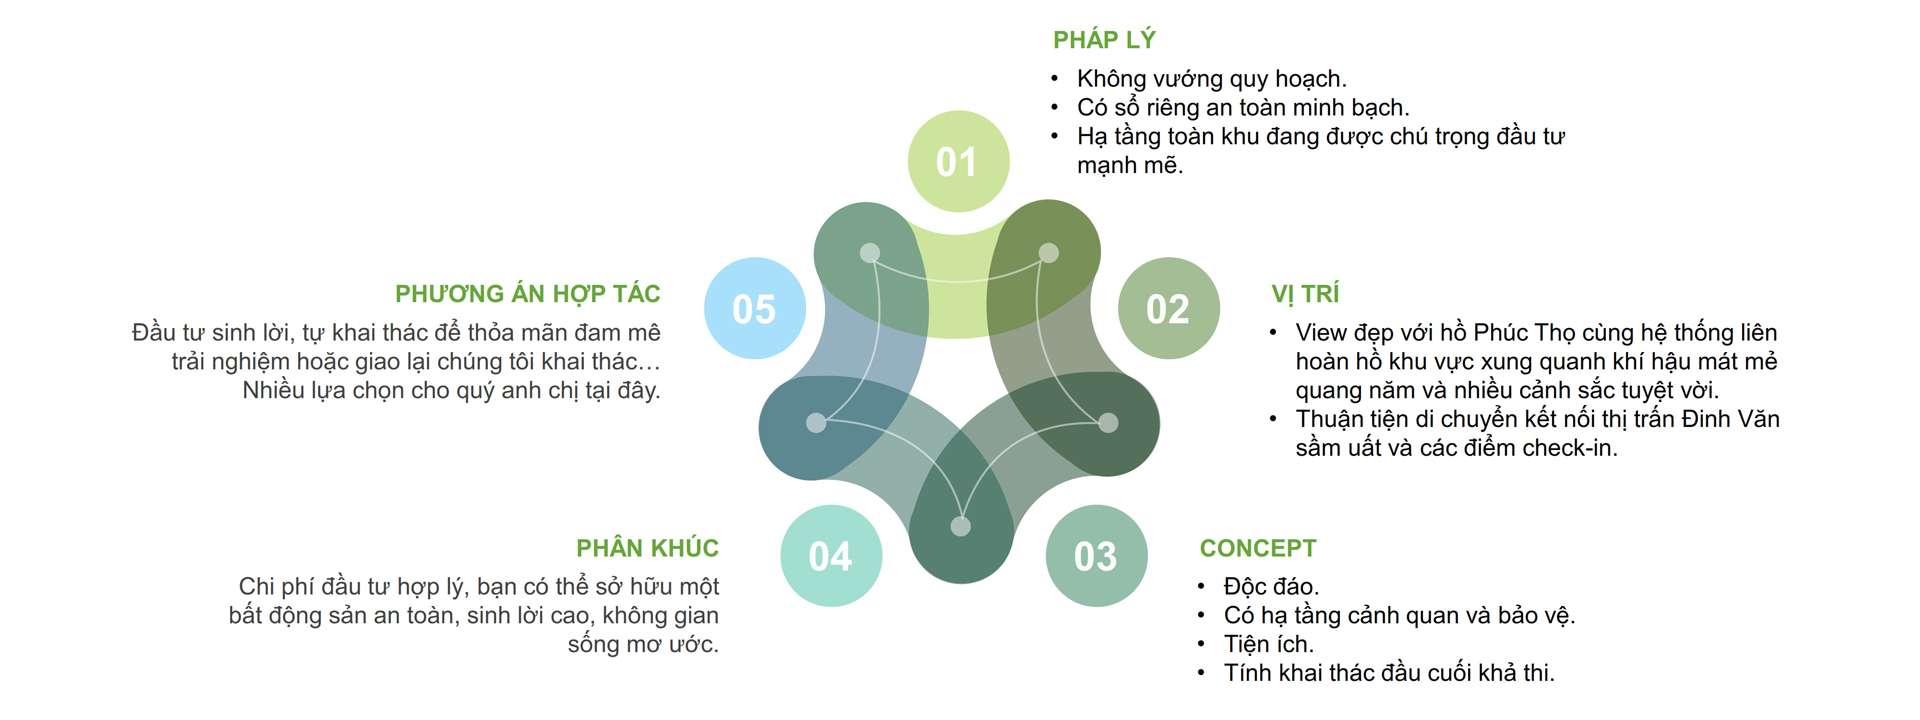 Bất động sản Lâm Đồng - Dự án Phúc Thọ Village - Phân tích